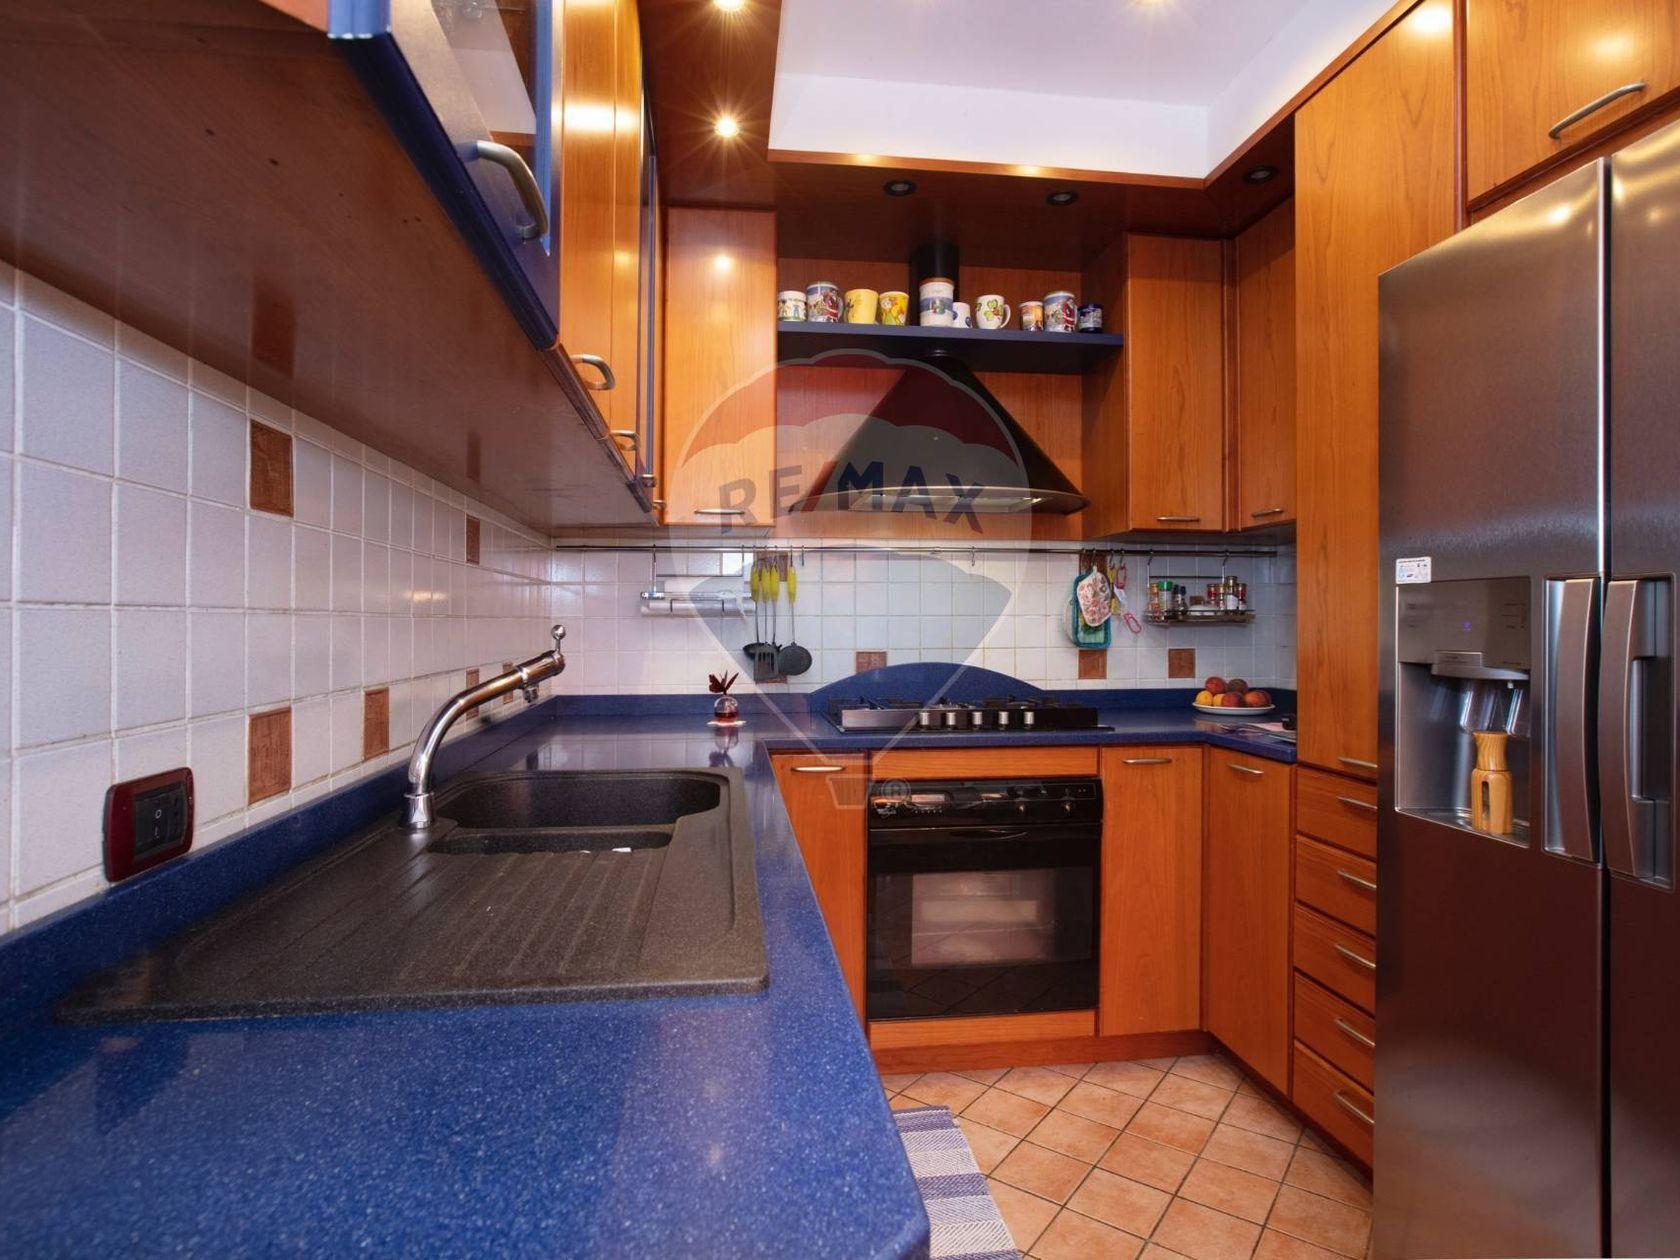 Appartamento Zona San Carlo, Rho, MI Vendita - Foto 17